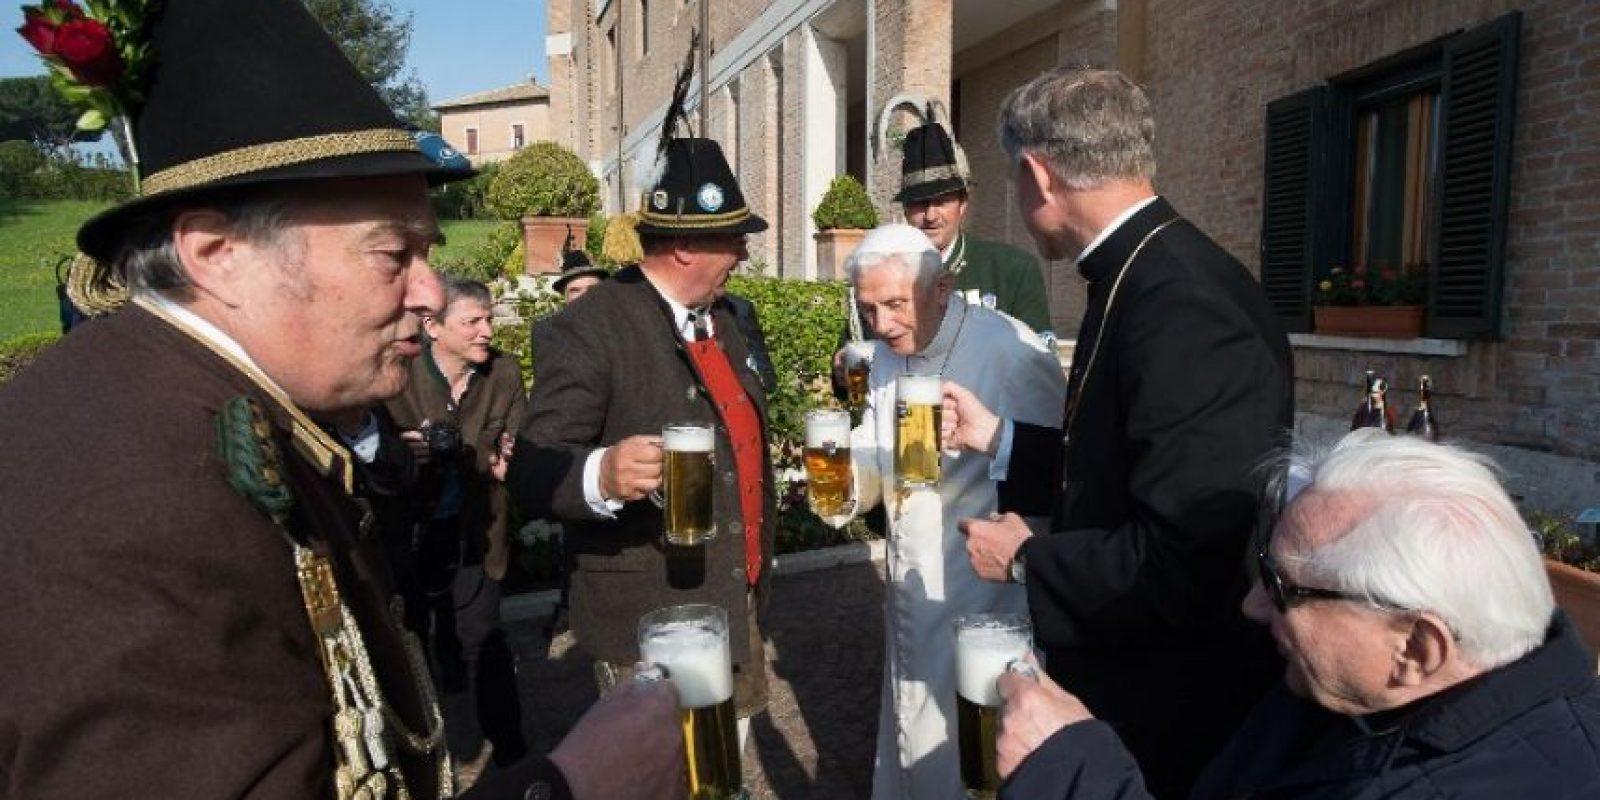 Se le veía contento celebrando con cerveza. Foto:AFP